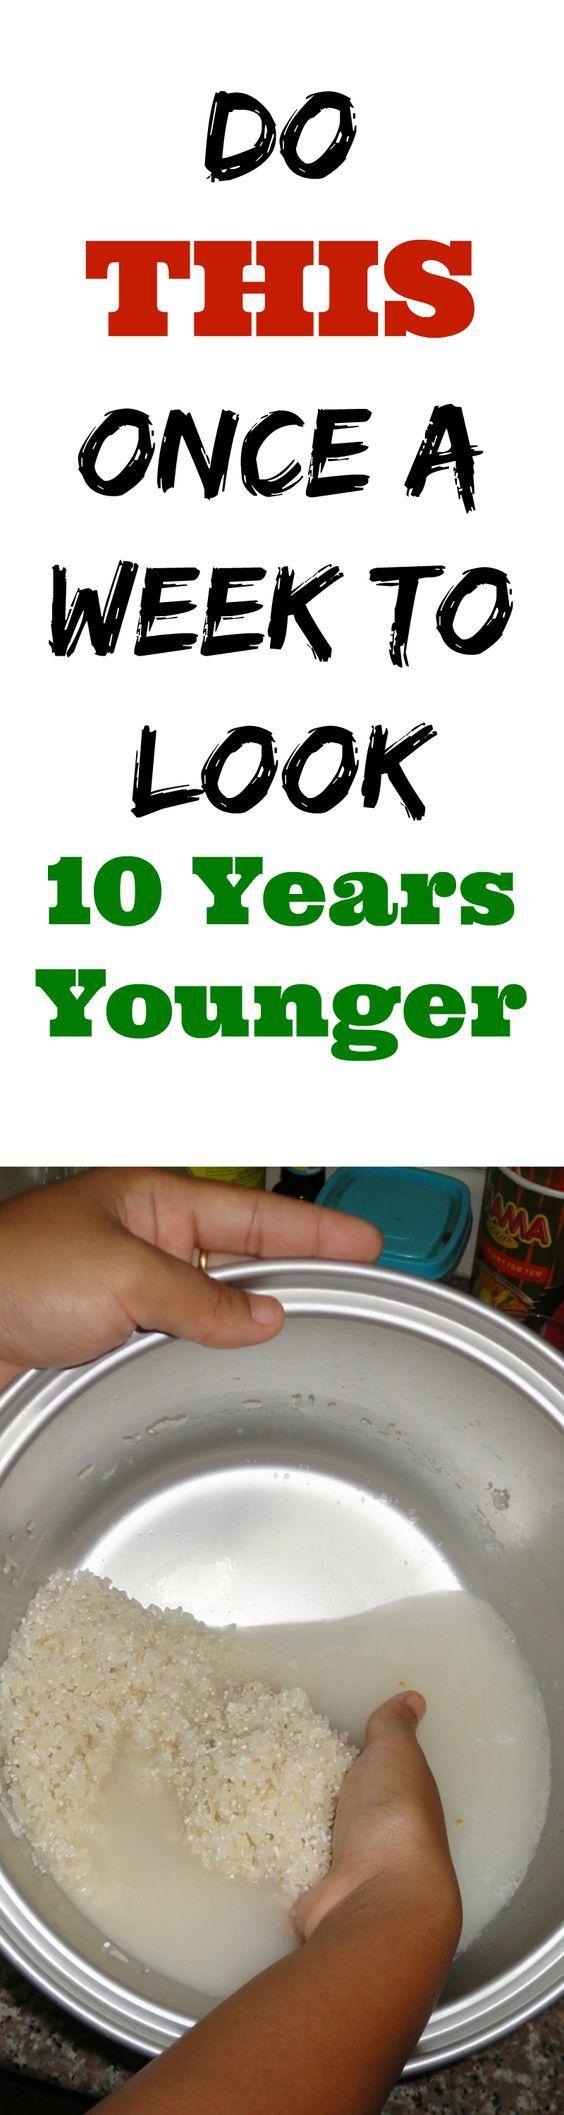 kijken 10 jaar jonger